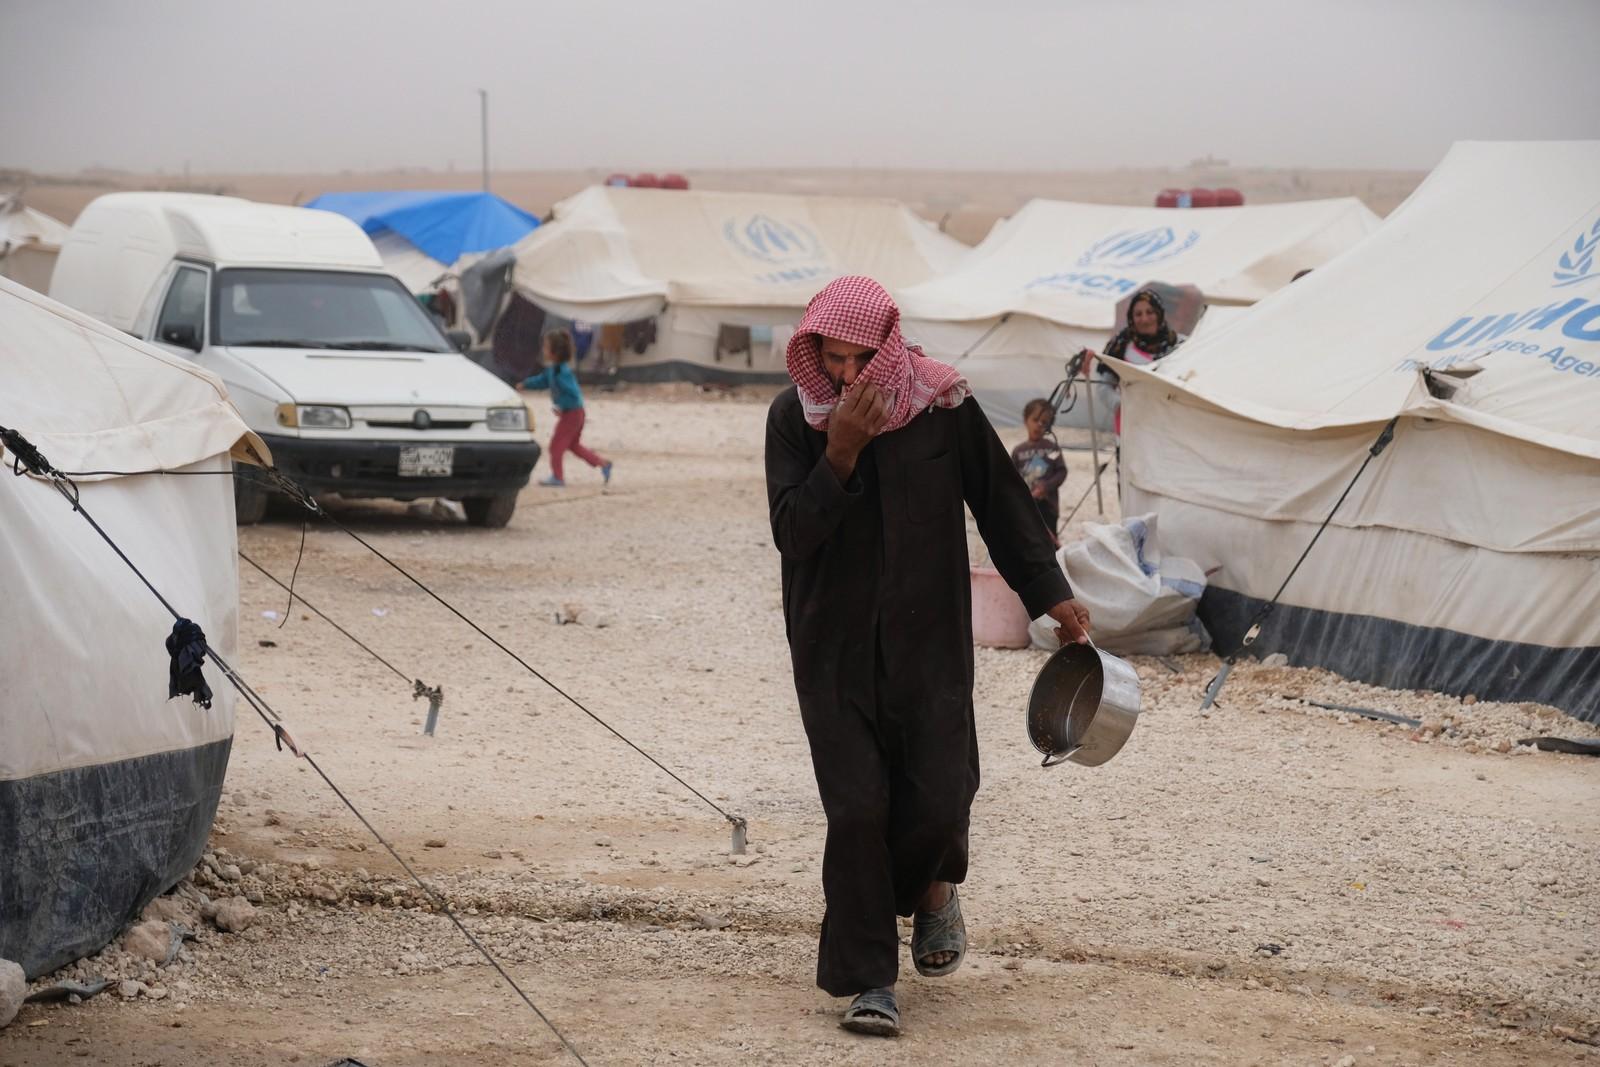 Flytkningleiren Ain Issa, et par timers kjøring nord for Raqqa i Syria. Her treffer vi både irakere og syrere, alle har rømt fra IS.